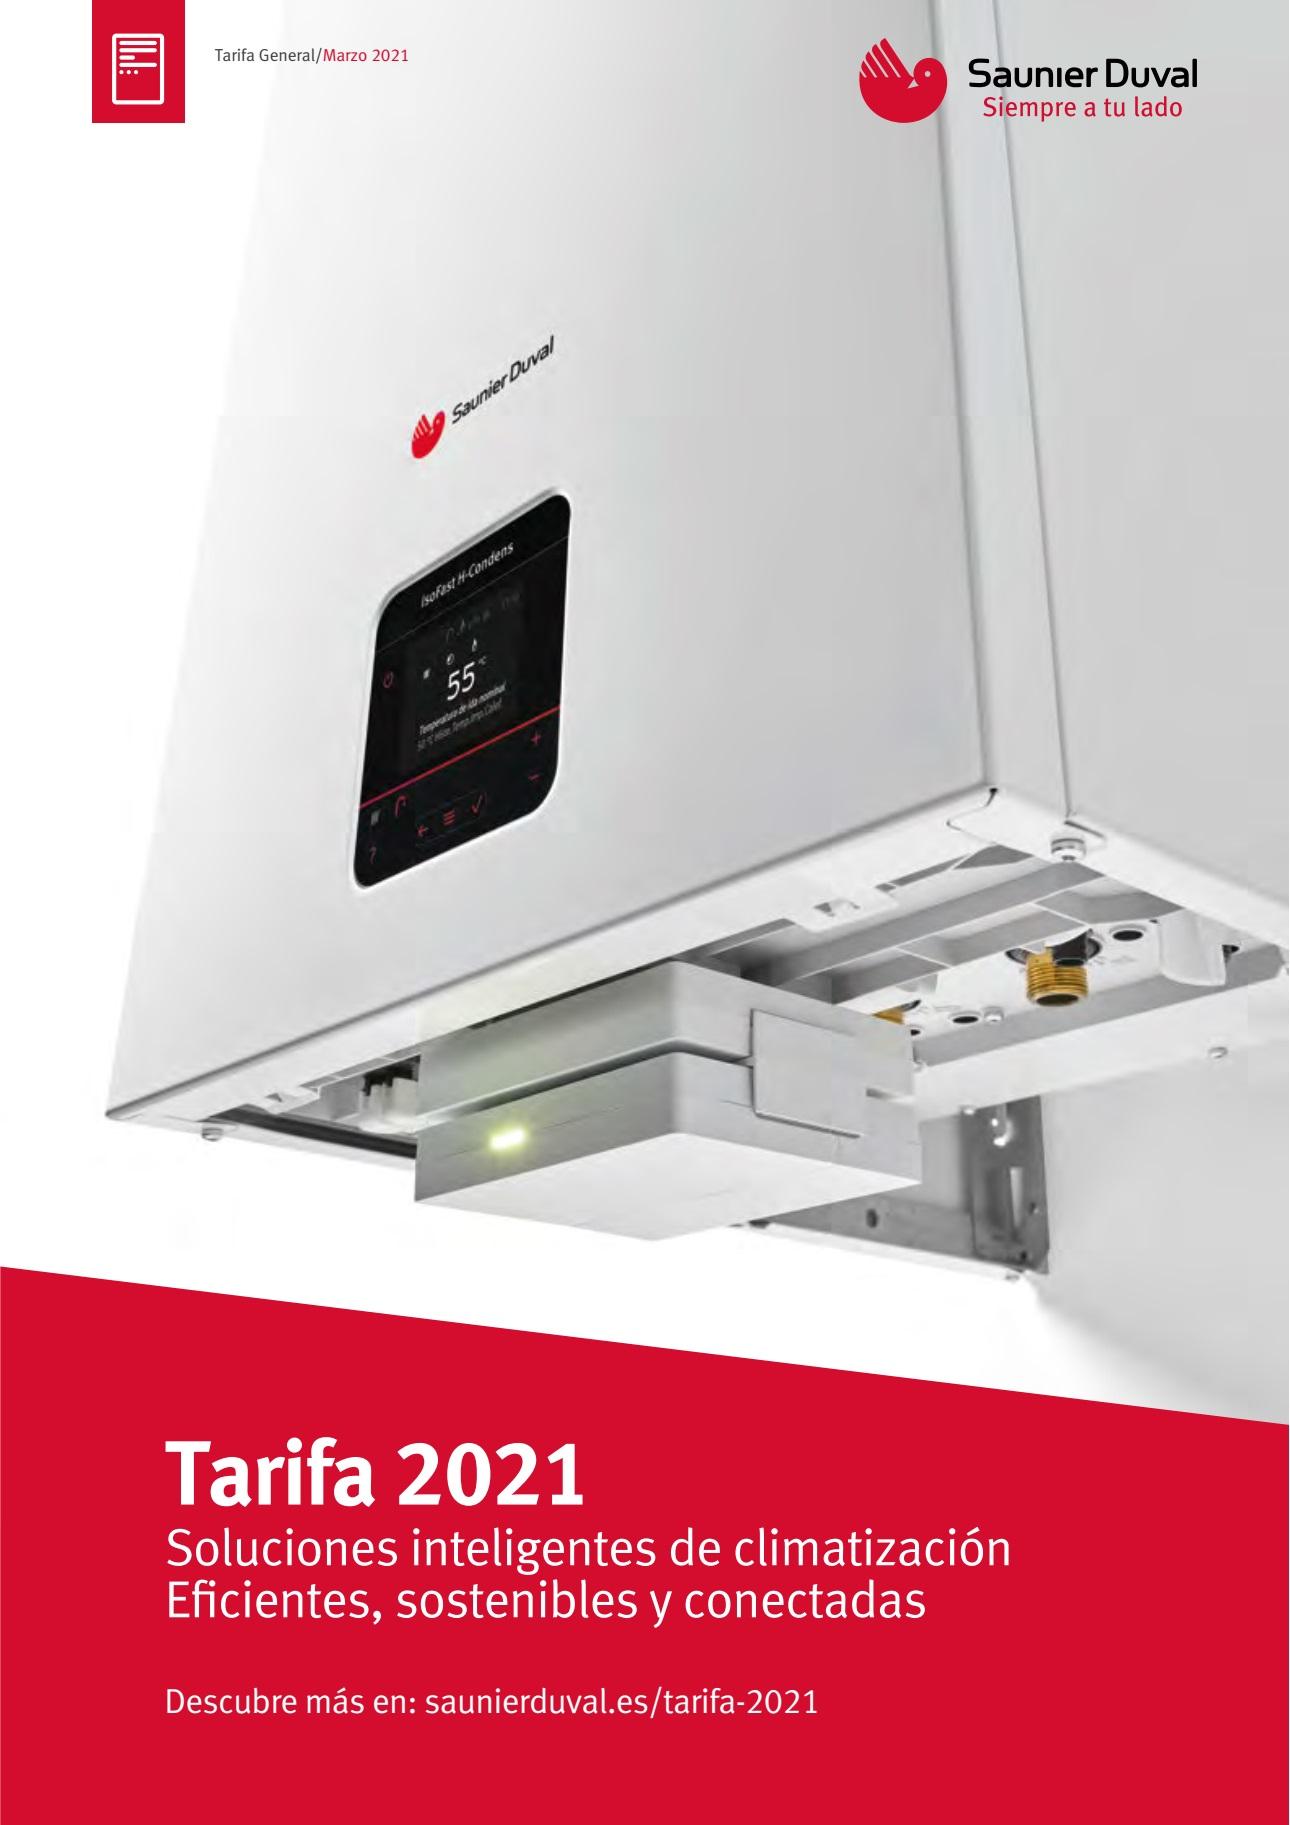 Tarifa Saunier Duval 2021